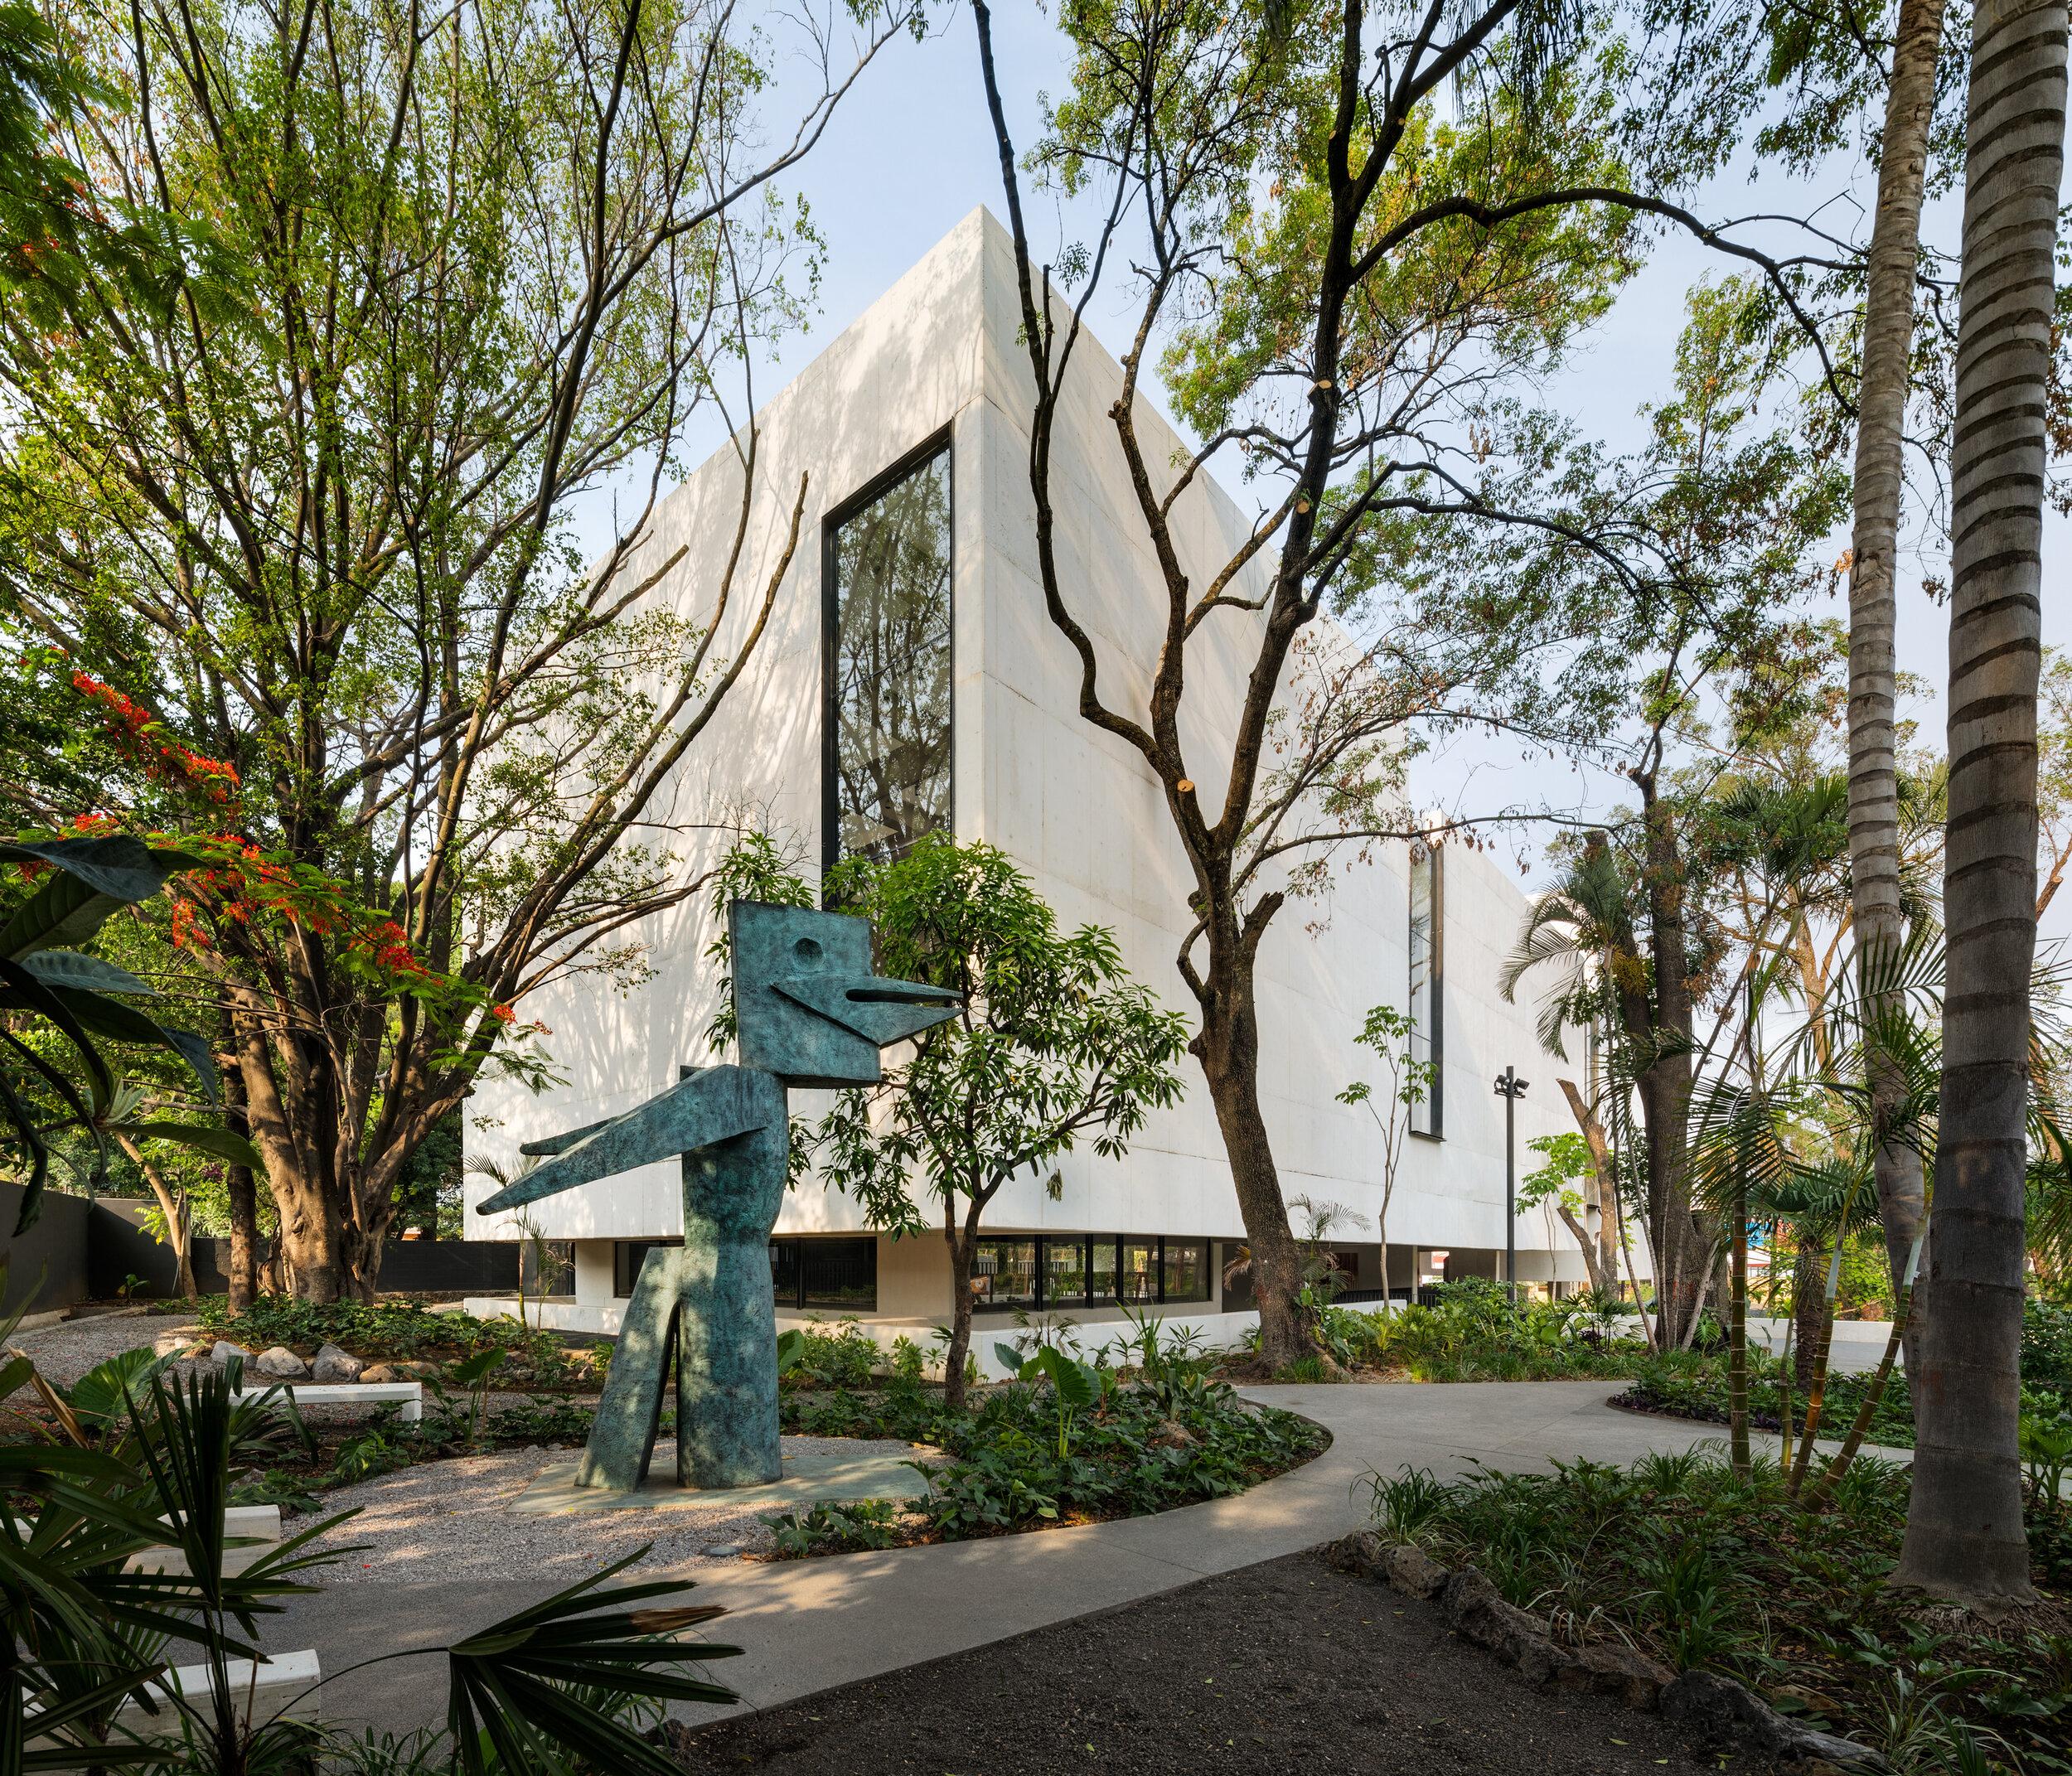 El jardín del Museo Juan Soriano ocupa el 80% del espacio.